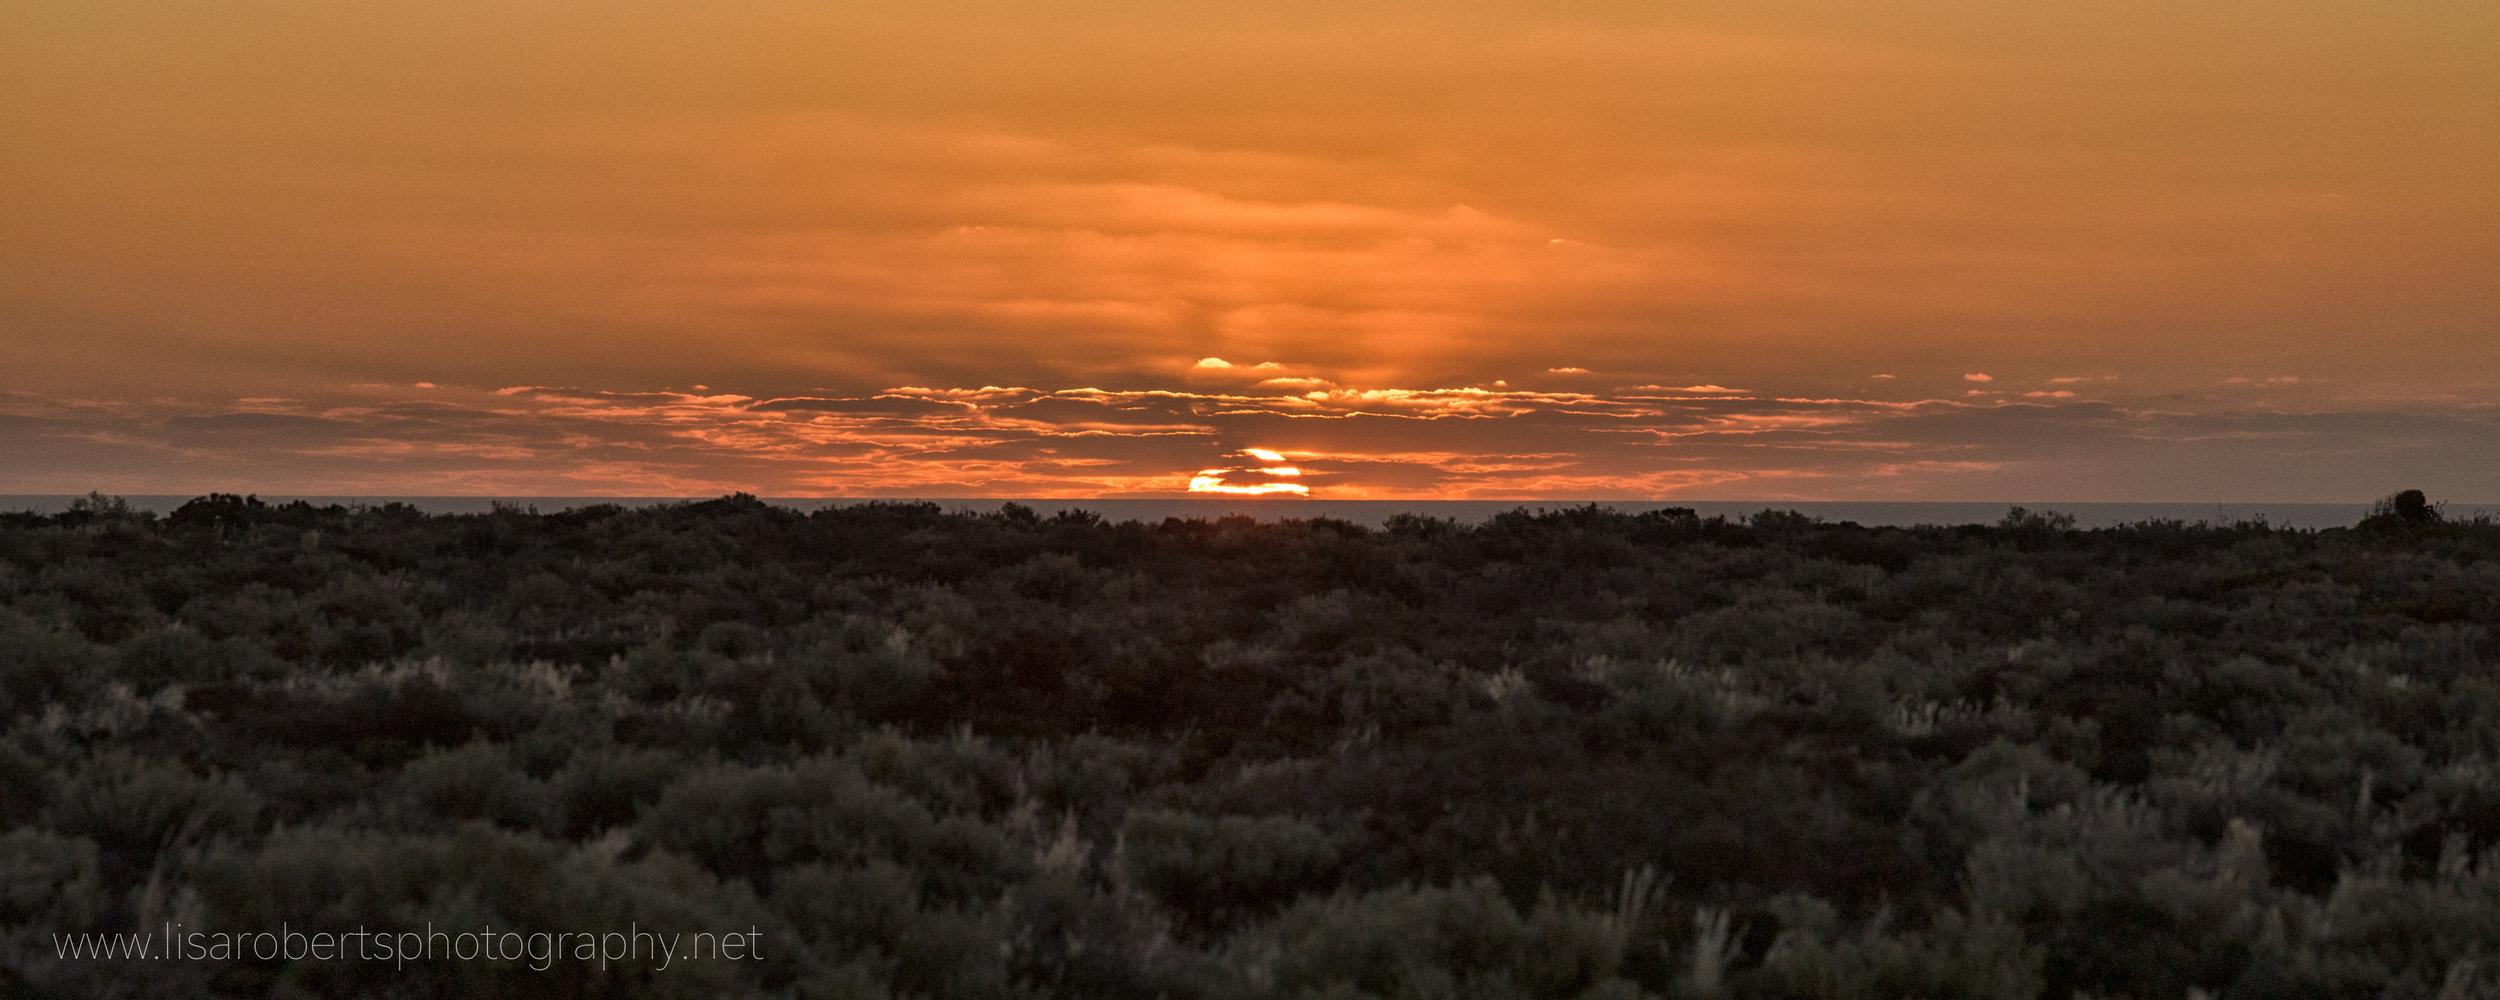 Desert Sunset, The Nullabor, South Australia